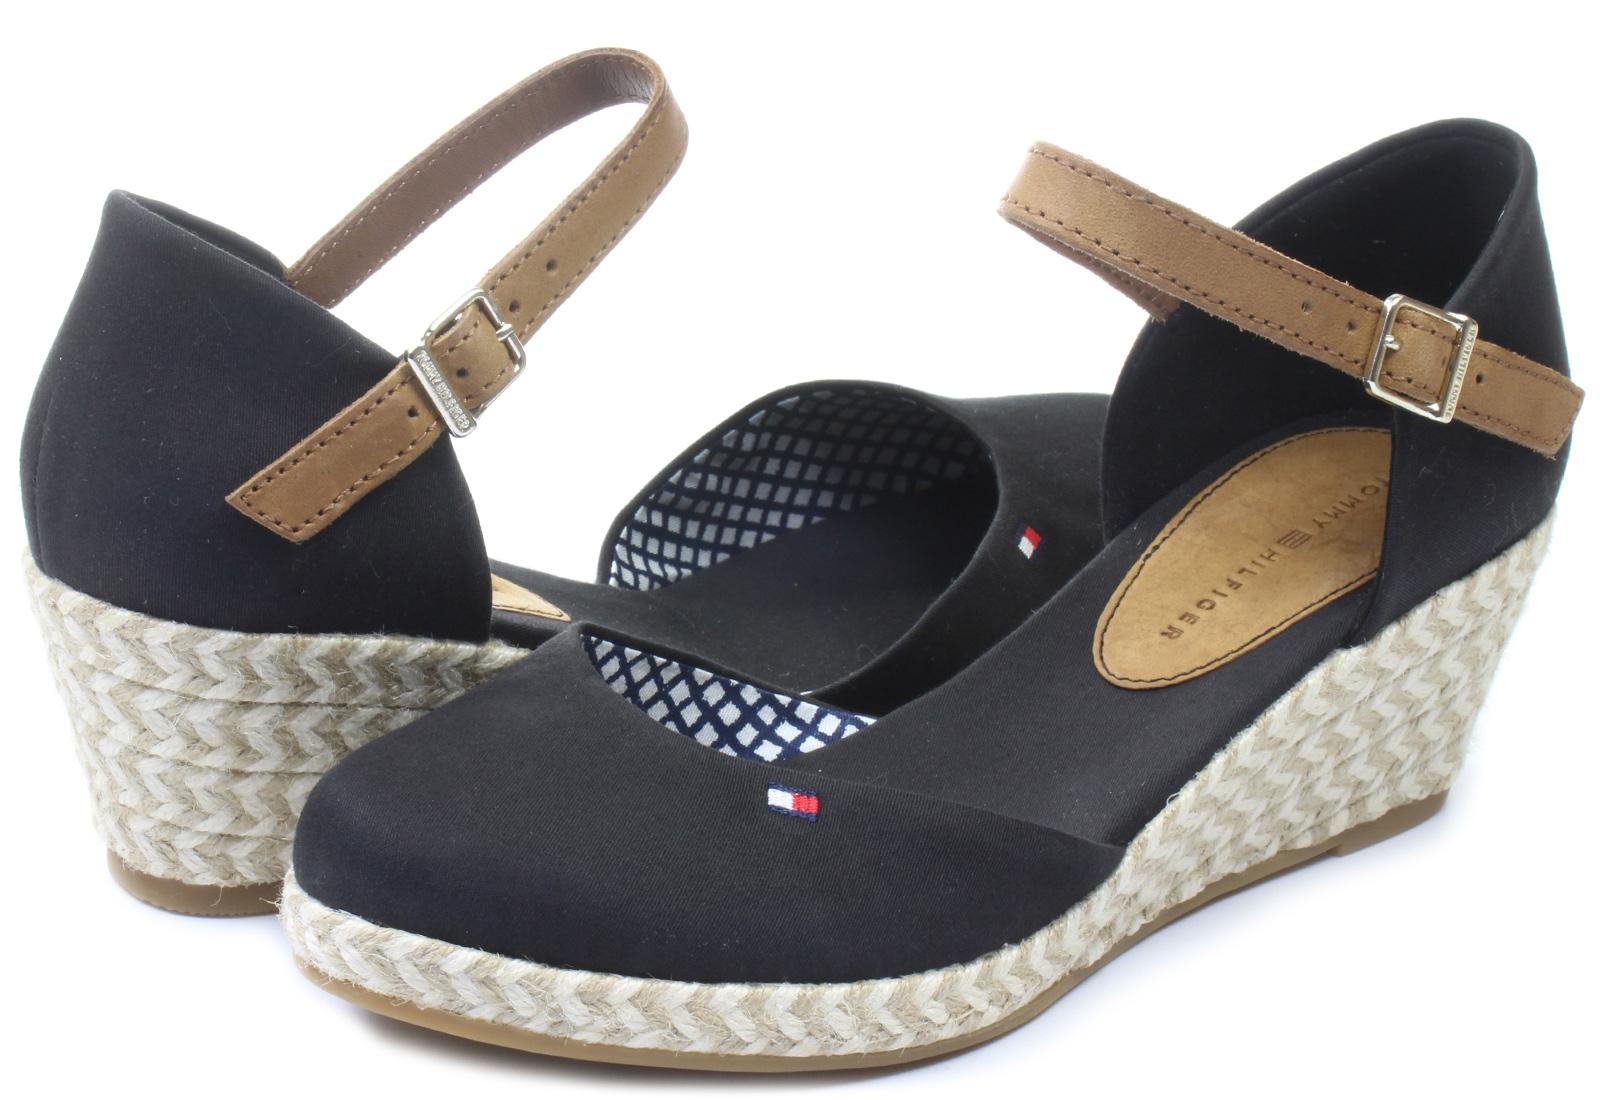 52f26fdeb Tommy Hilfiger Sandals - Elba 13 - 14S-7423-990 - Online shop for ...